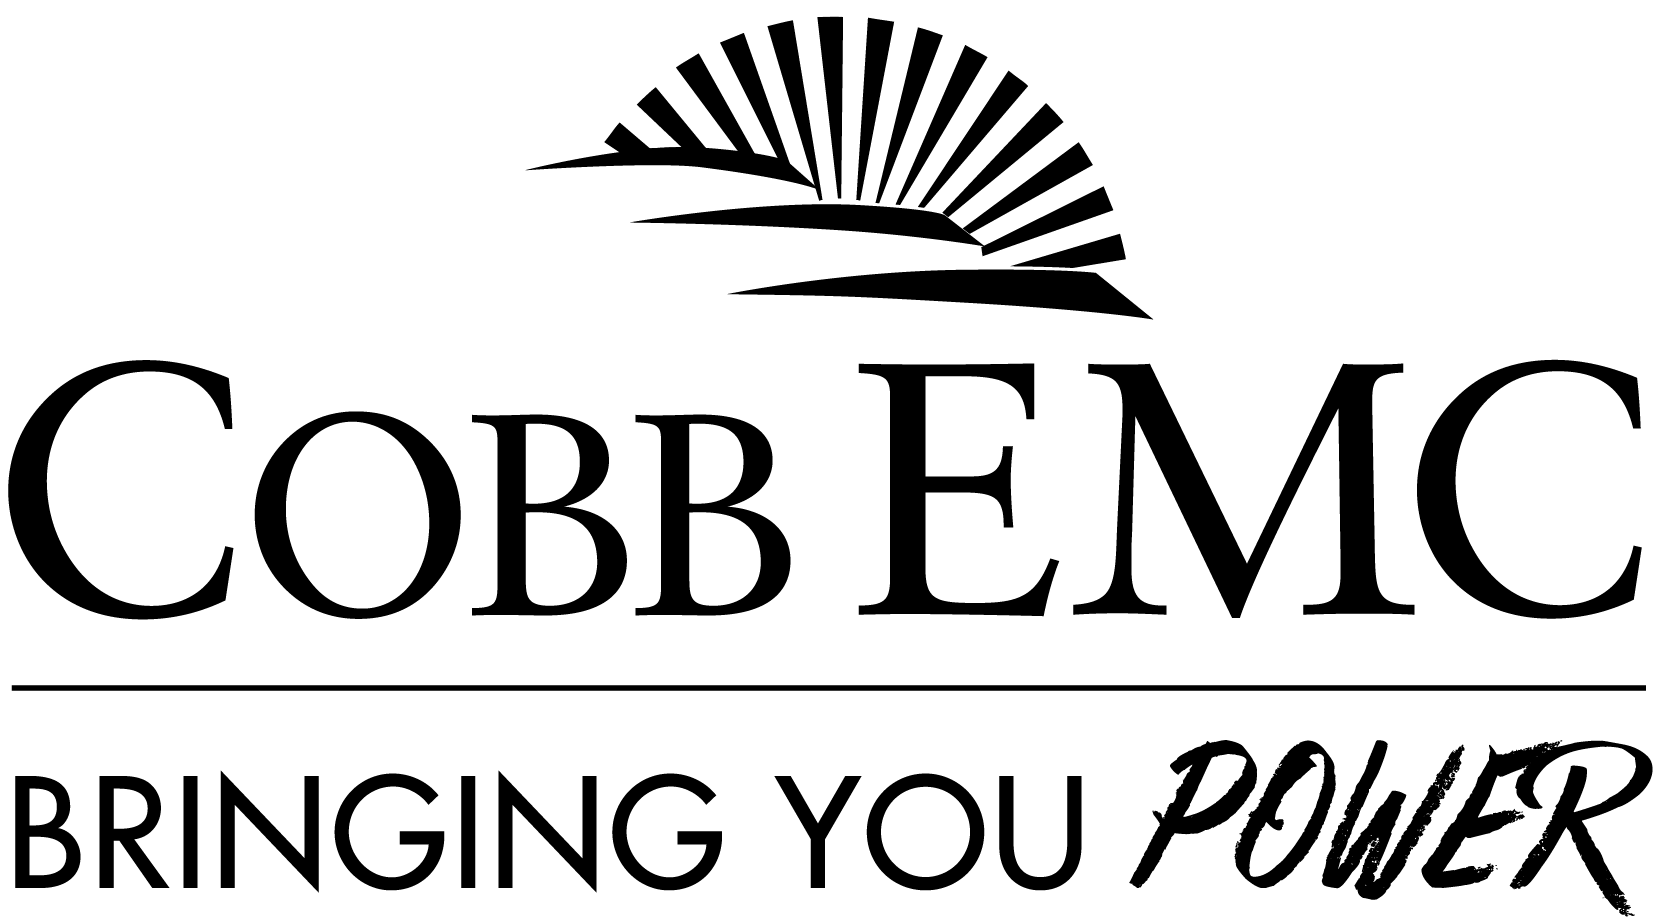 COBB EMC BRINGING YOU POWER black and white sunrise logo